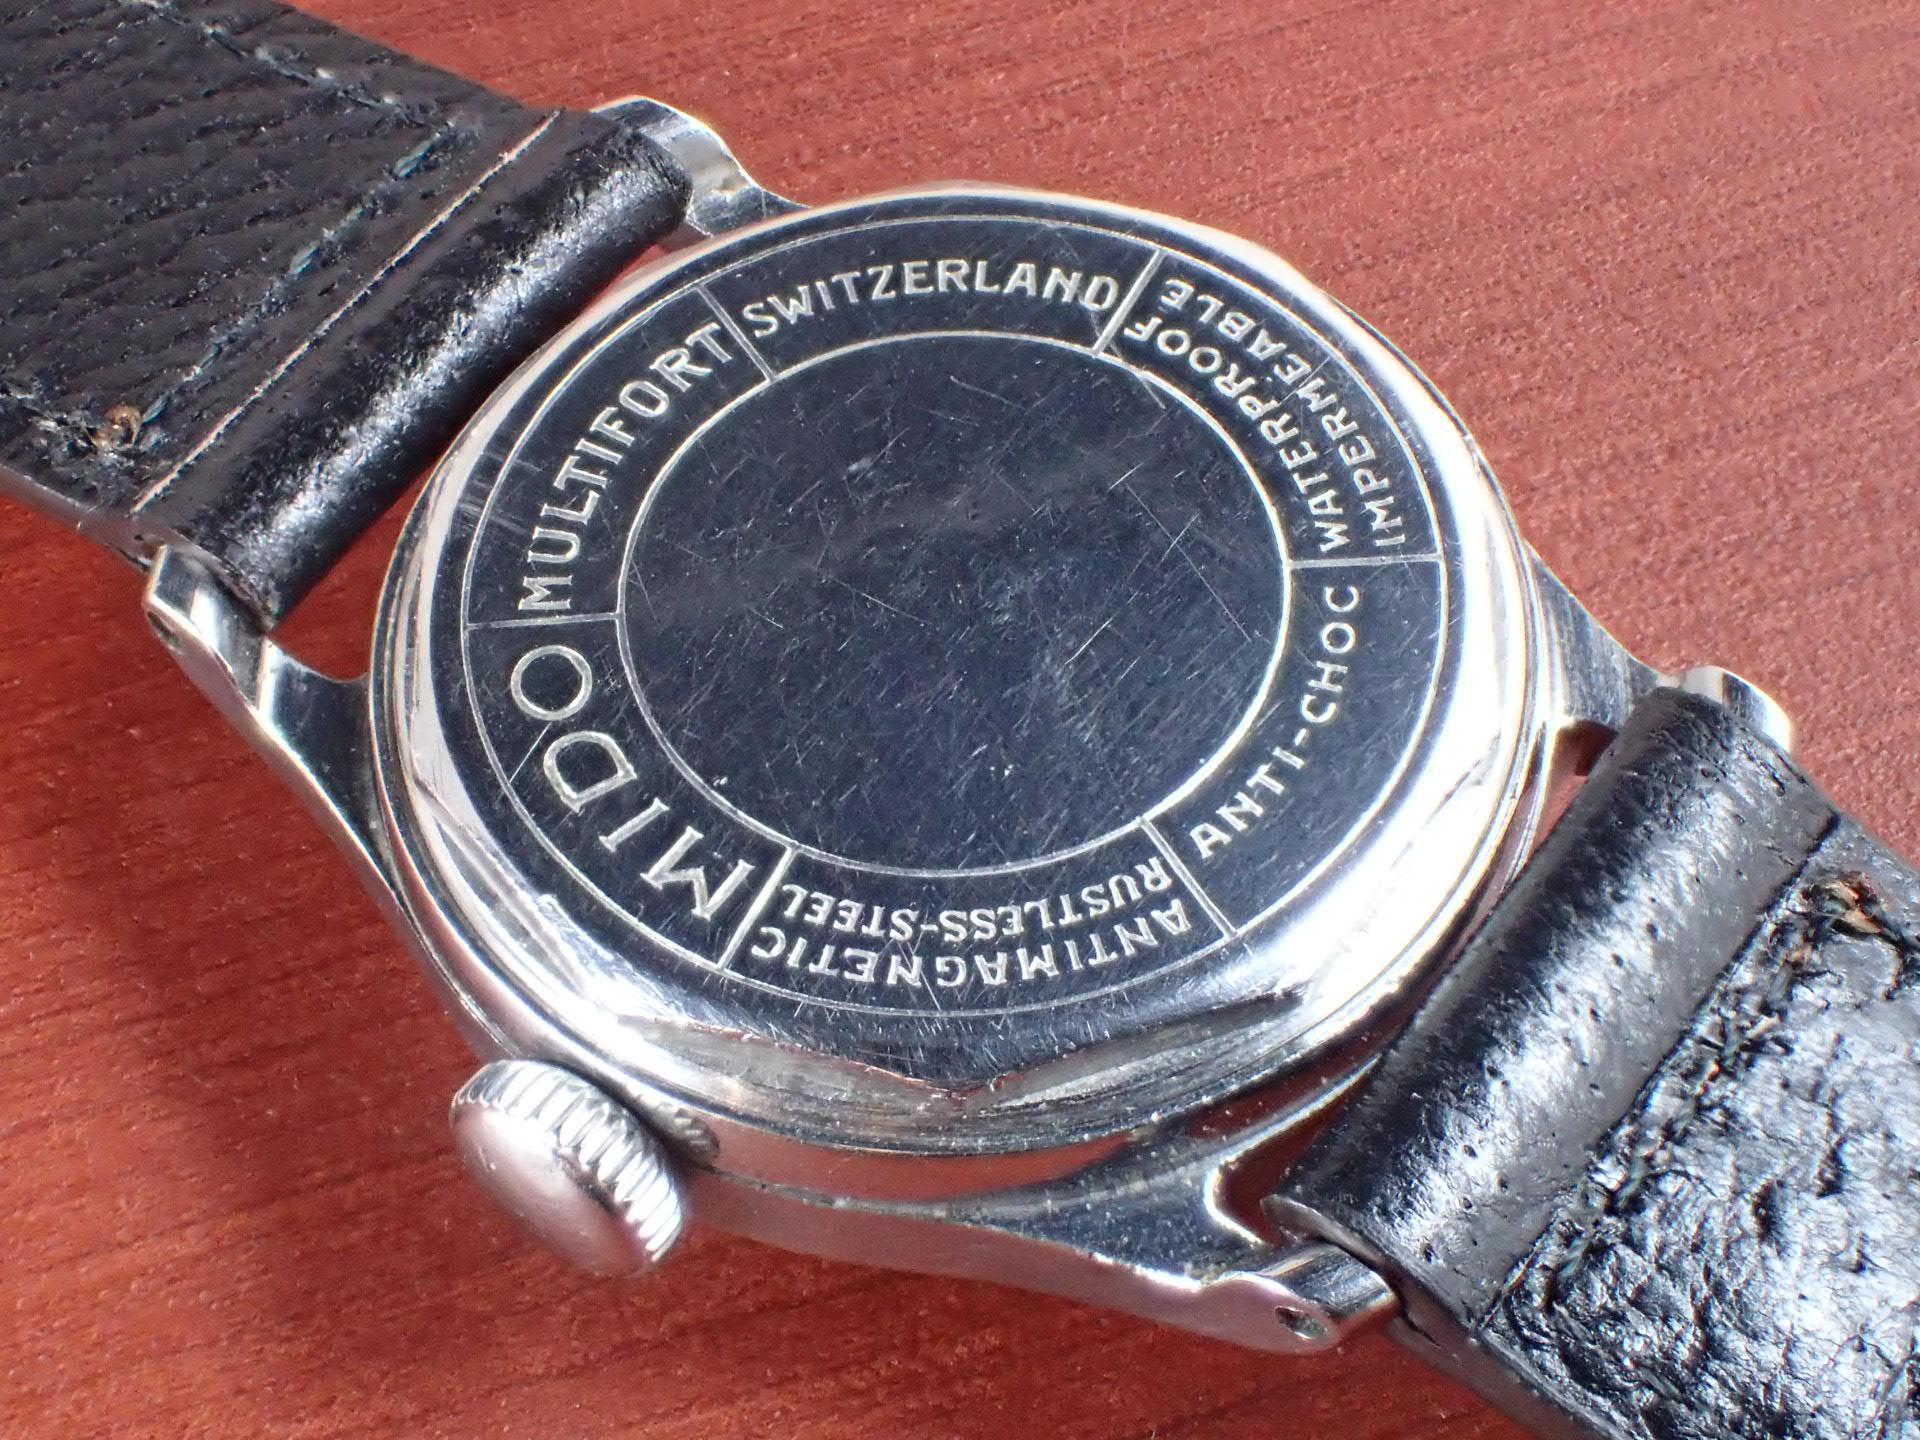 ミドー マルチフォート セクターブラックダイアル マニュアルワインド 1940年代の写真4枚目